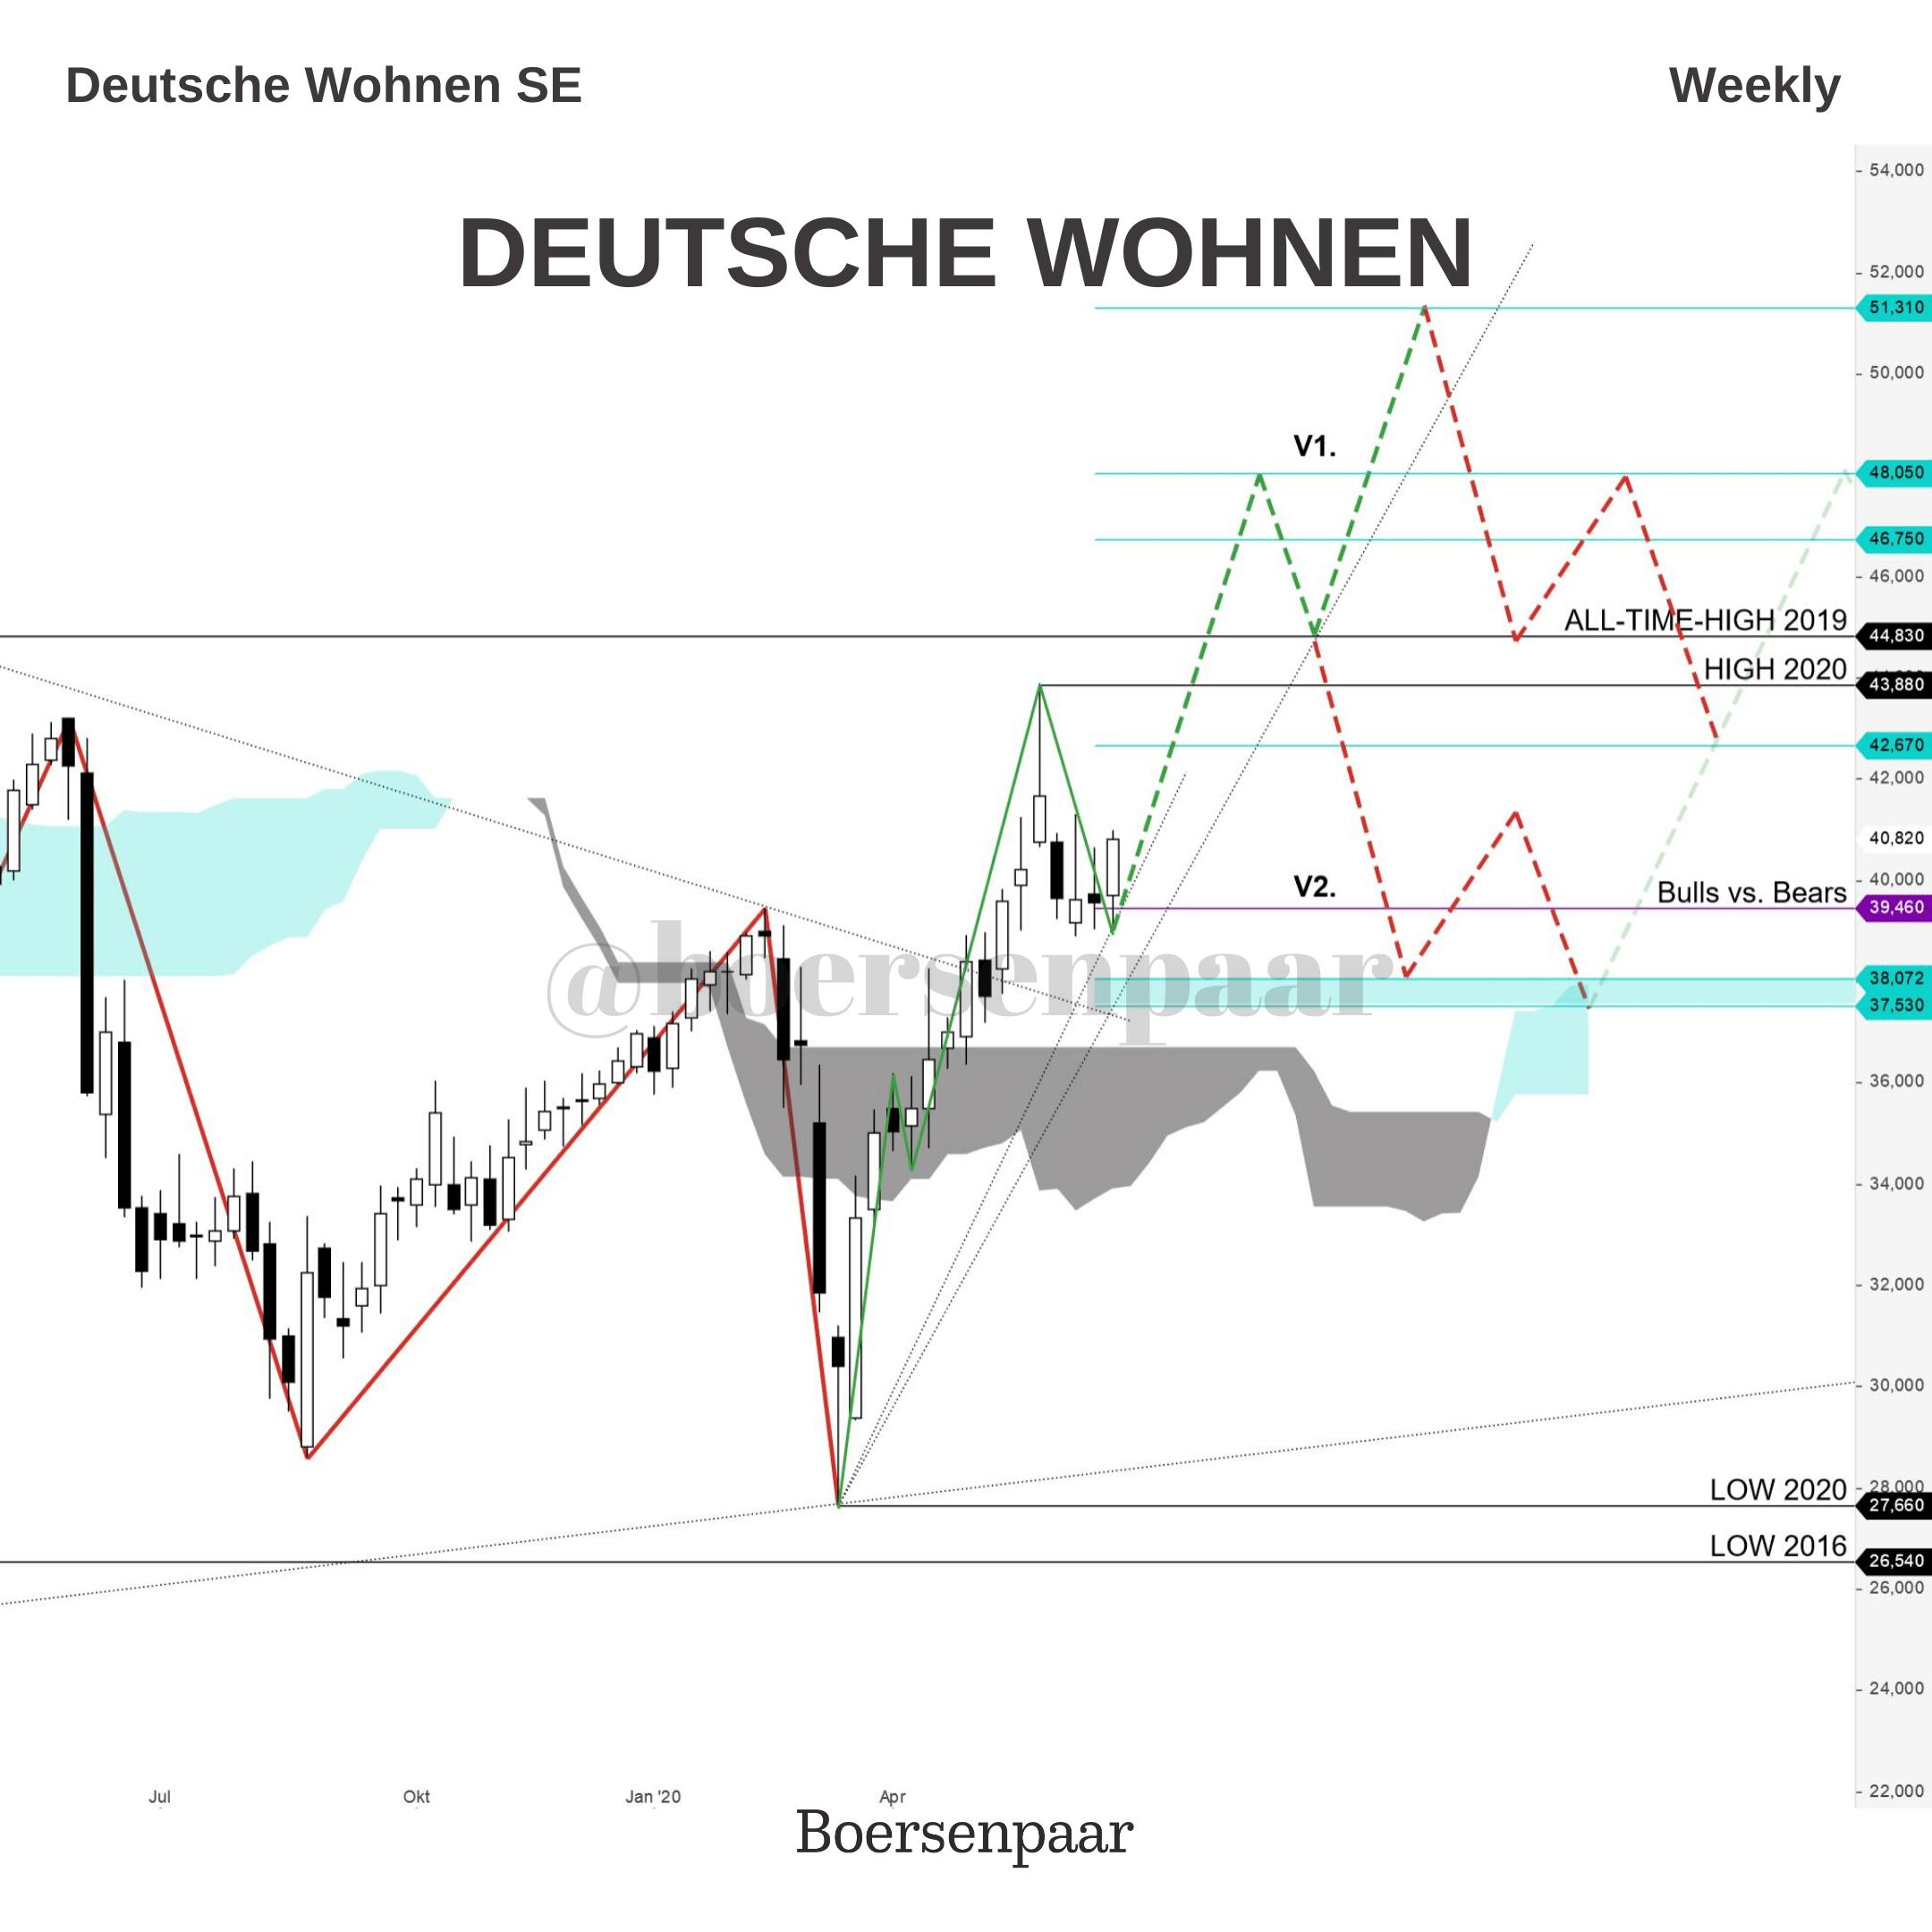 Deutsche Wohnen Aktien